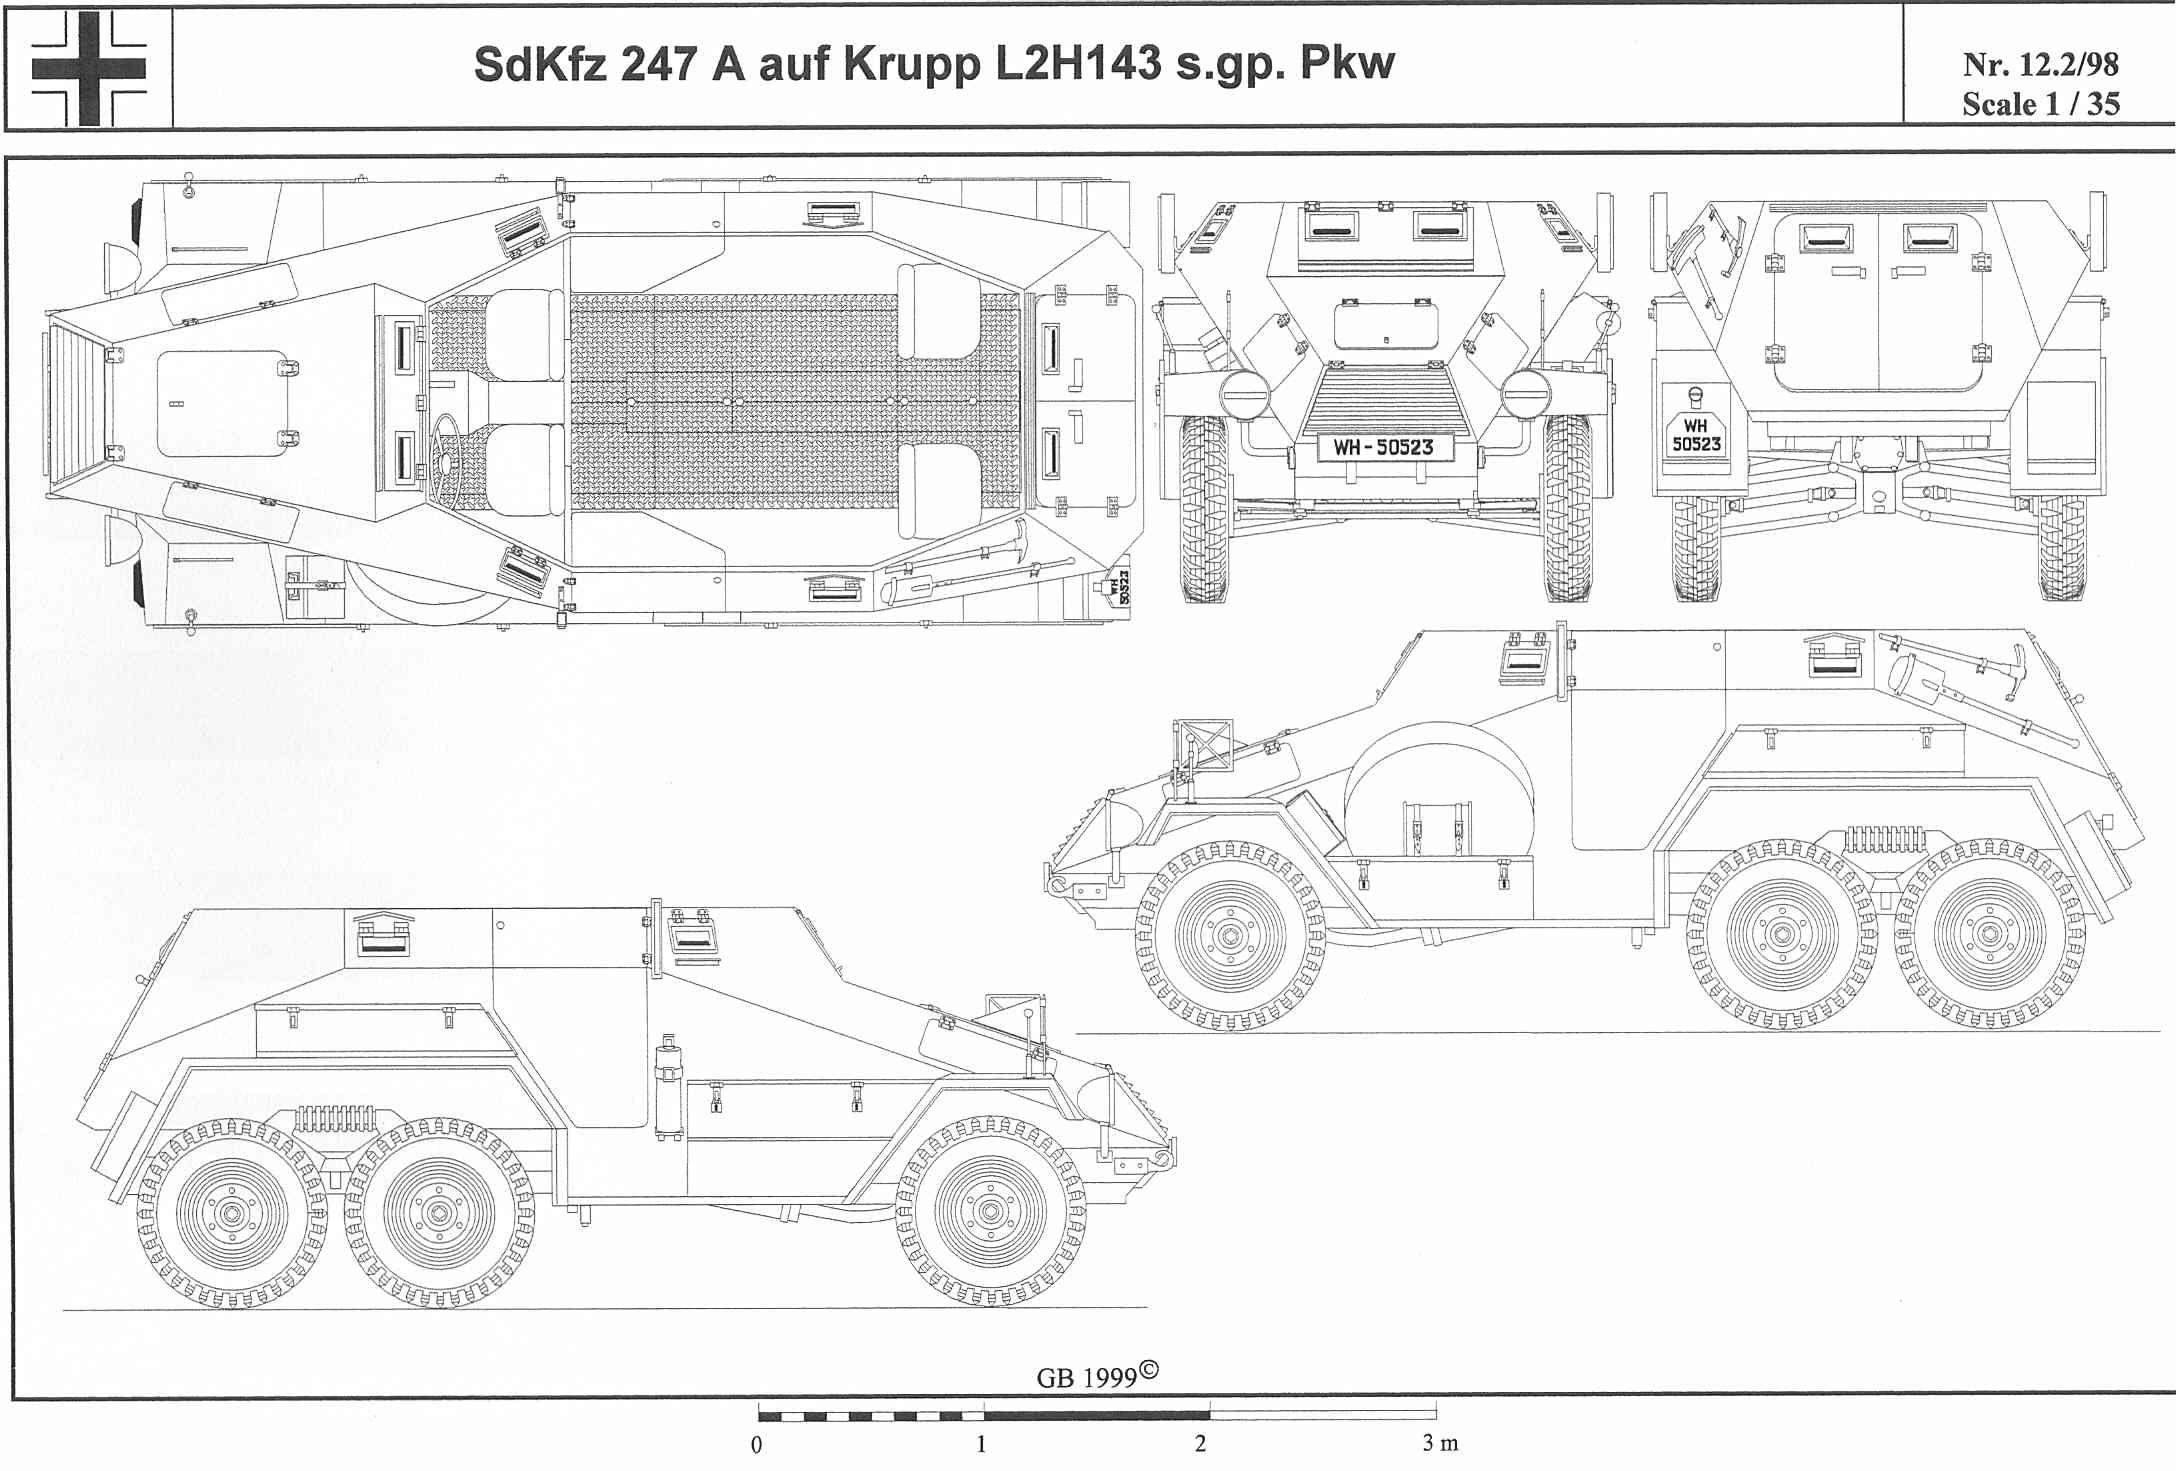 Sd.Kfz. 247 Ausf. A - transporte blindado de personal, versión de seis ruedas, sólo se construyeron 20 en 1937; la producción fue de Daimler-Benz, que construyó el Ausf. B versión de cuatro ruedas en 1941 y 1942. A veces anti-tanque (36 mm Pak 36) y anti-aire (2 cm Flak), las armas se montaban directamente en la caja de la camioneta.